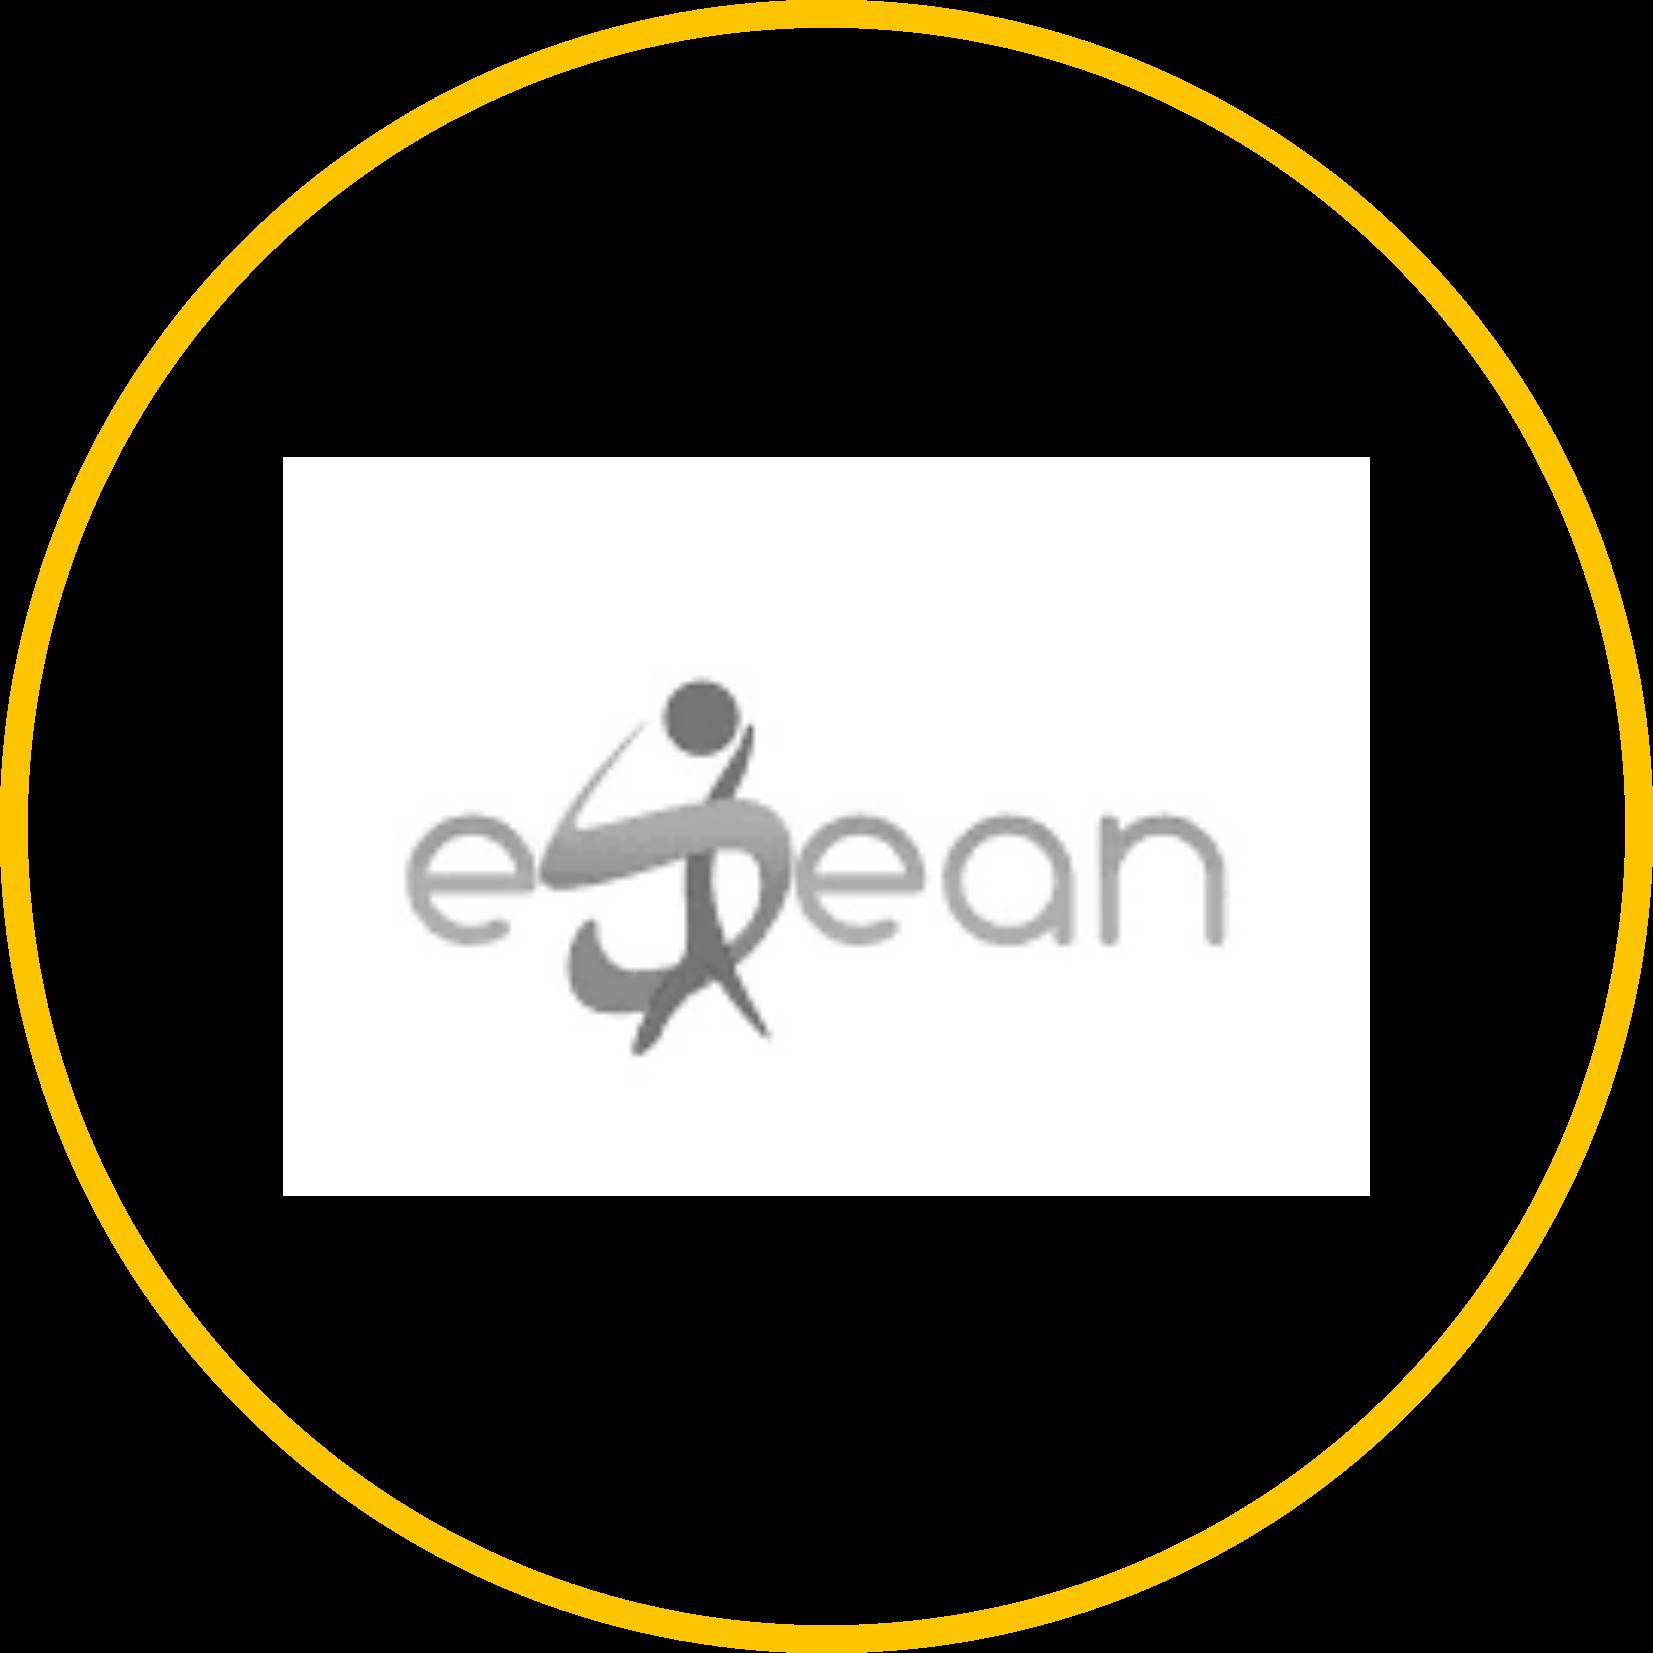 ESEAN